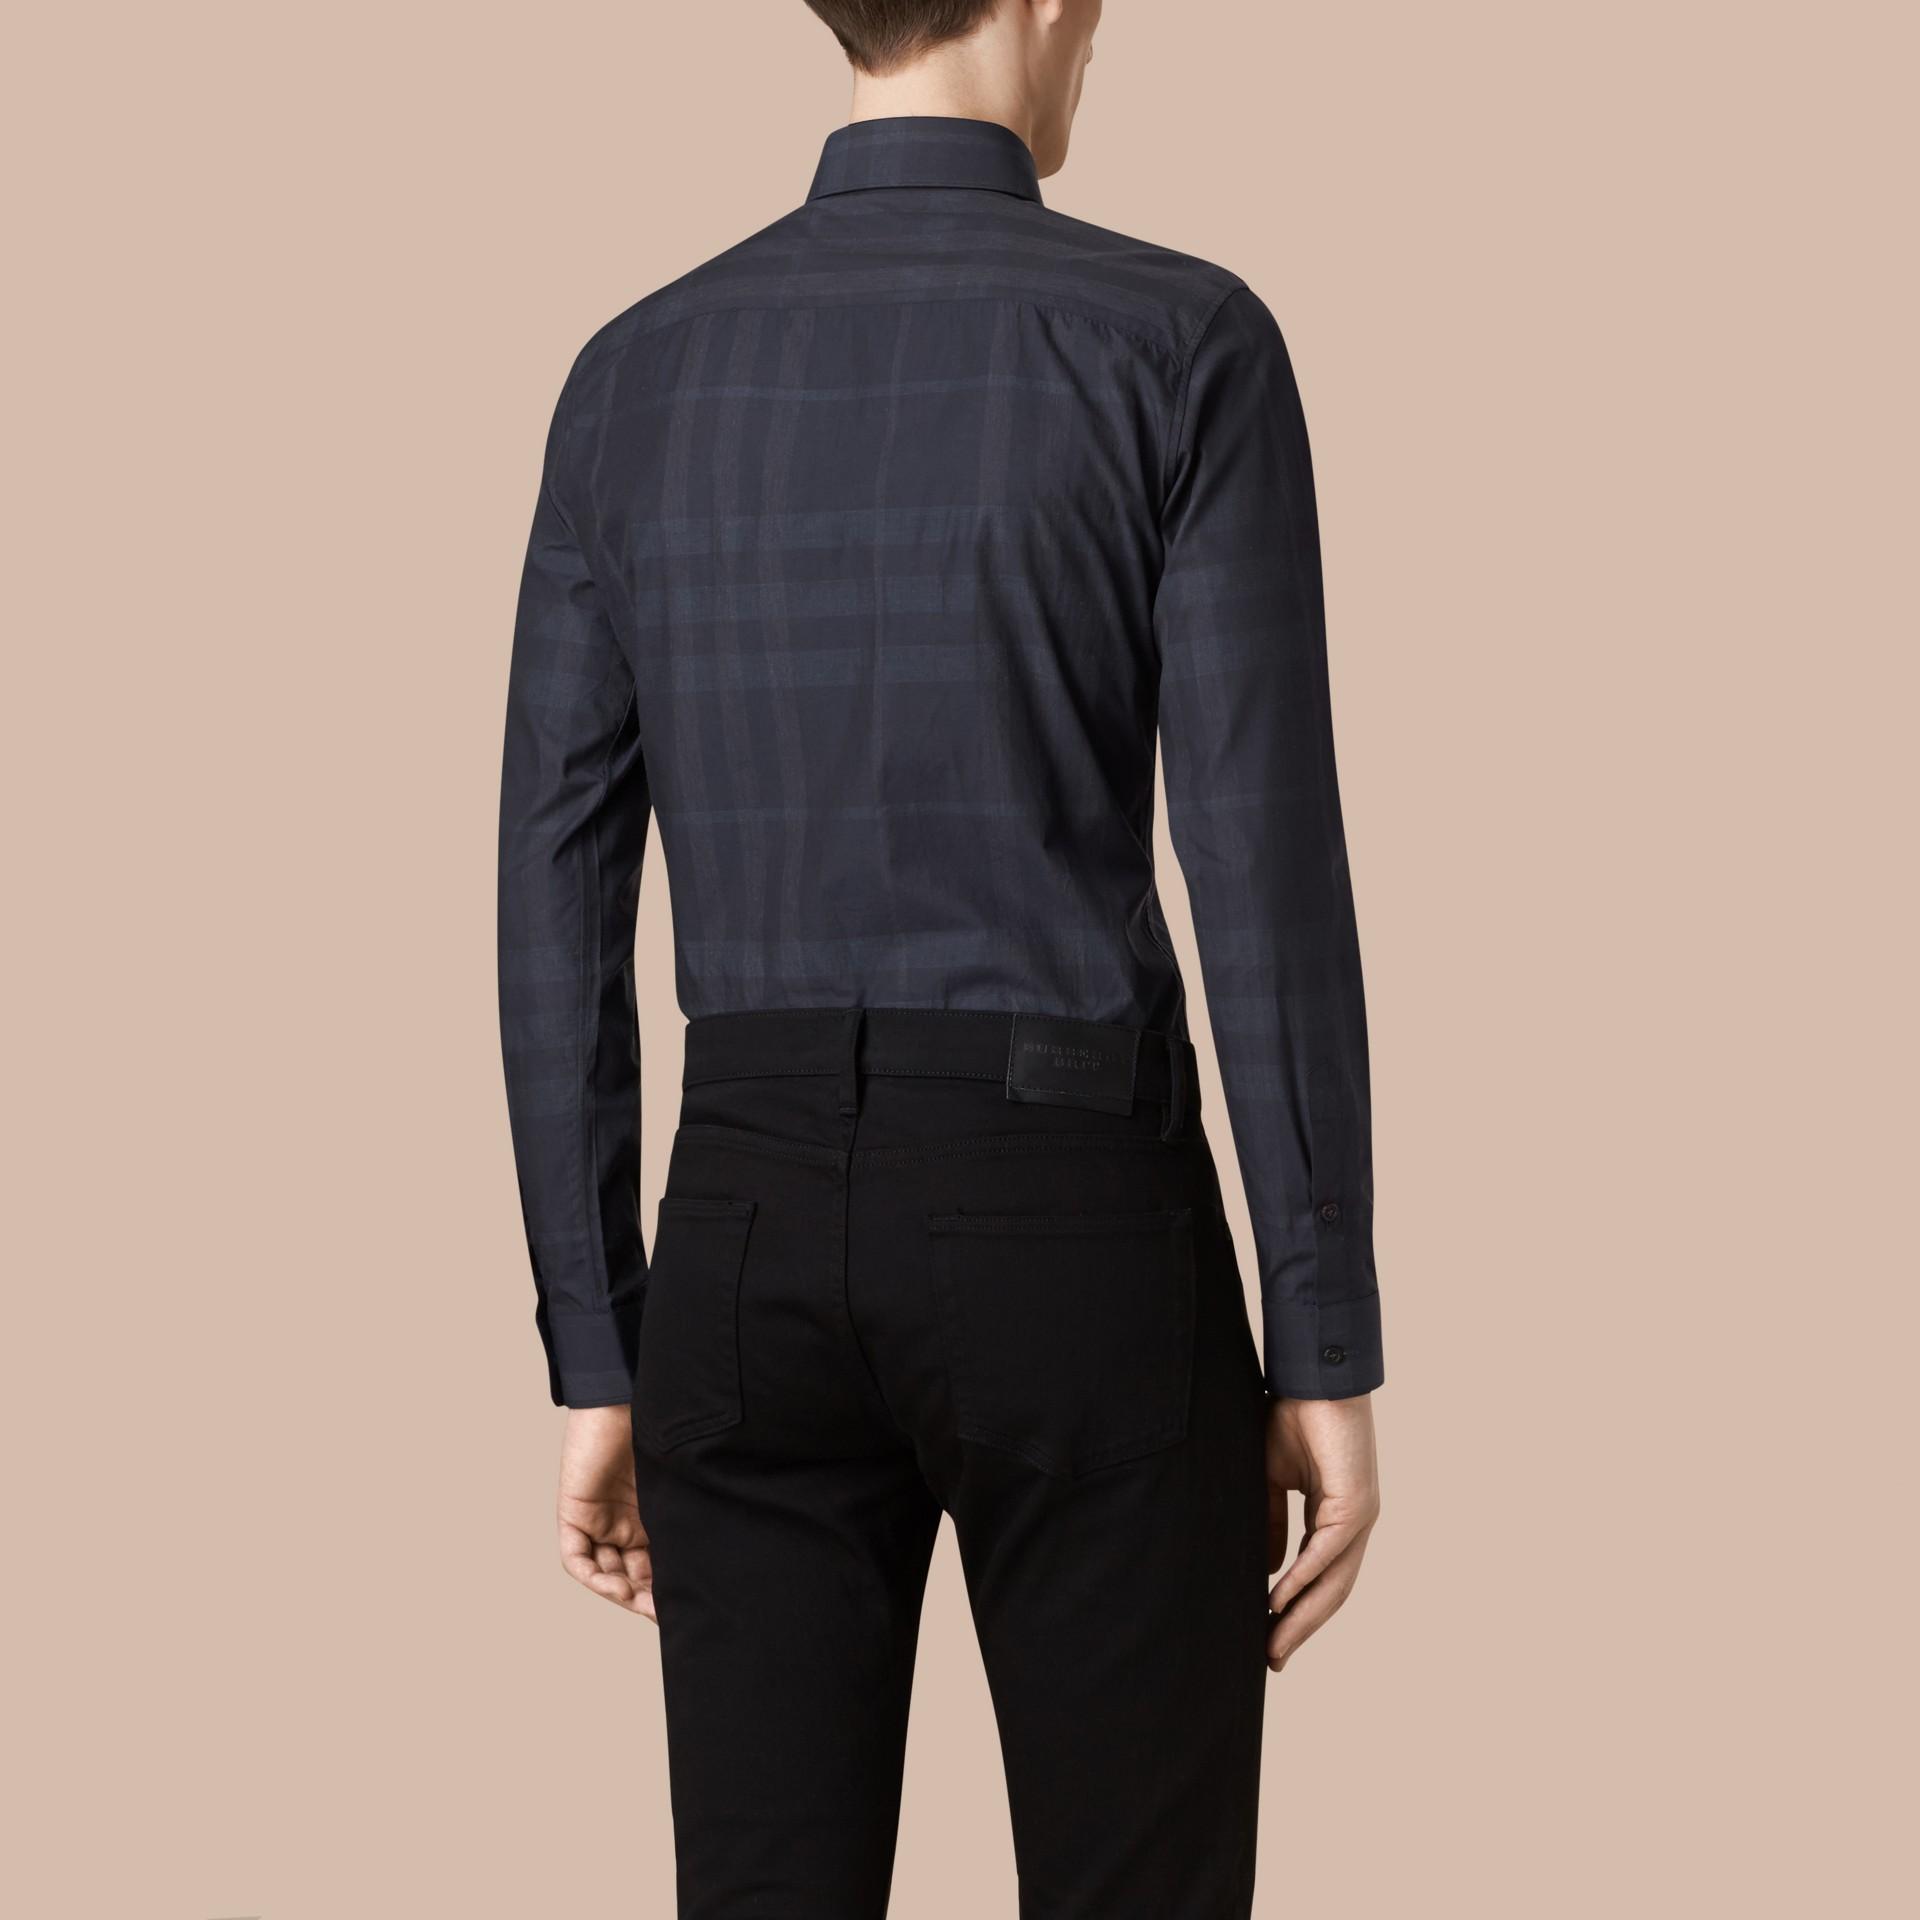 네이비 체크 코튼 셔츠 네이비 - 갤러리 이미지 3